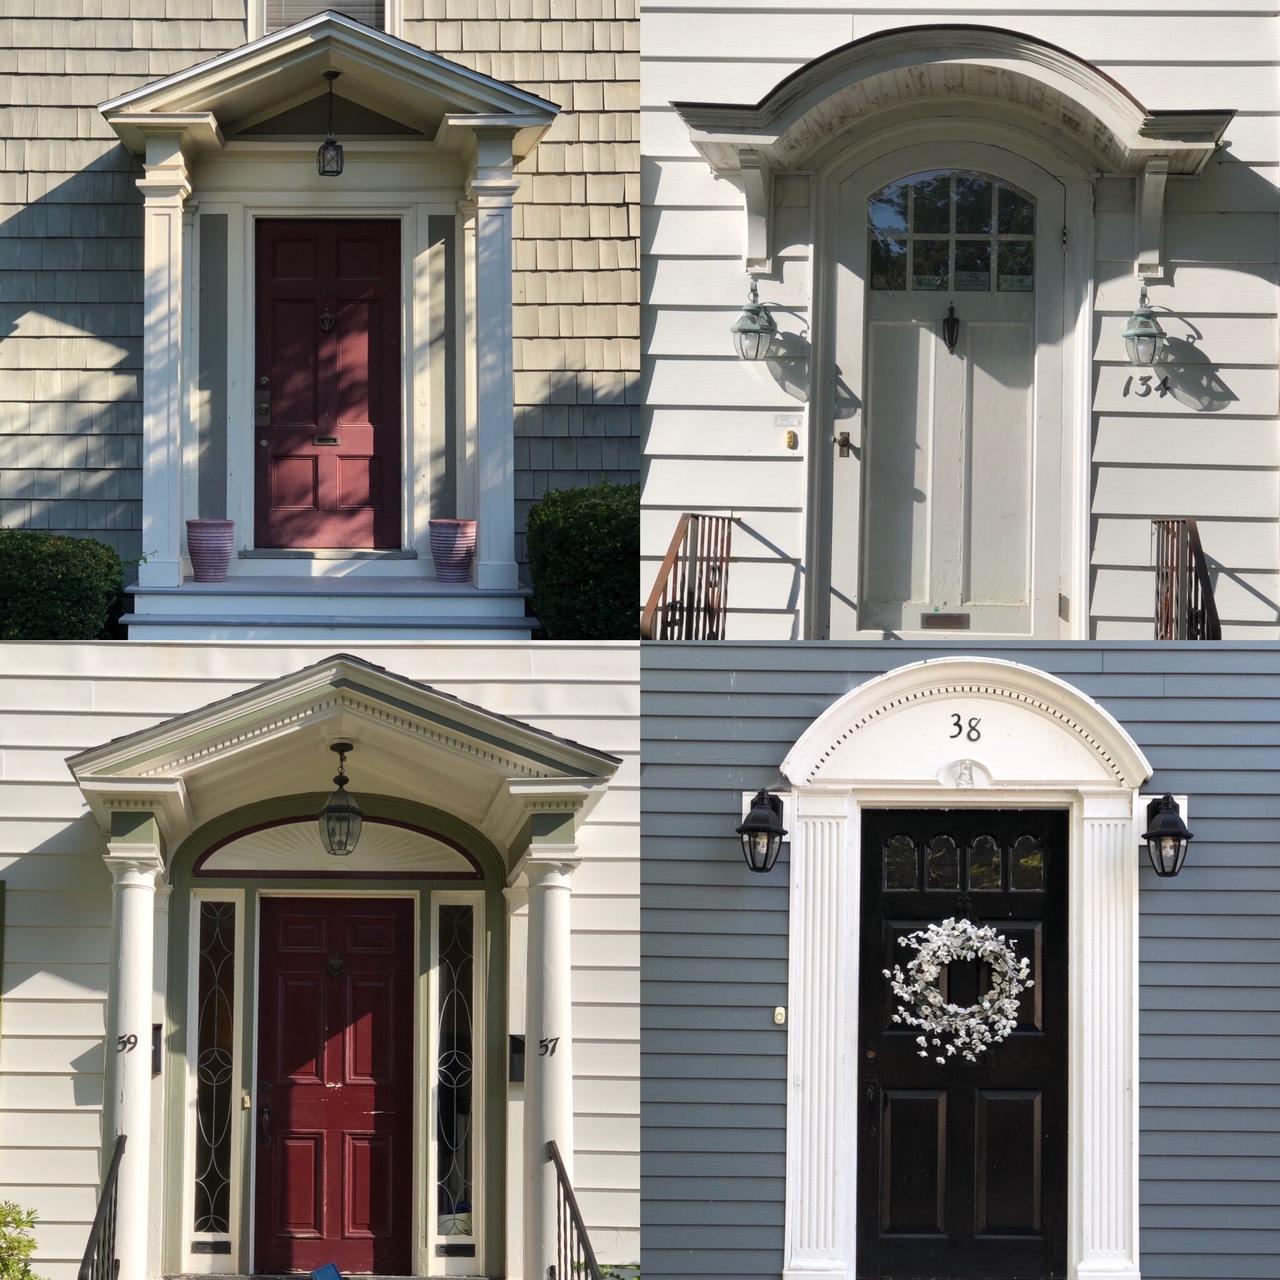 trim details of Portland doorways